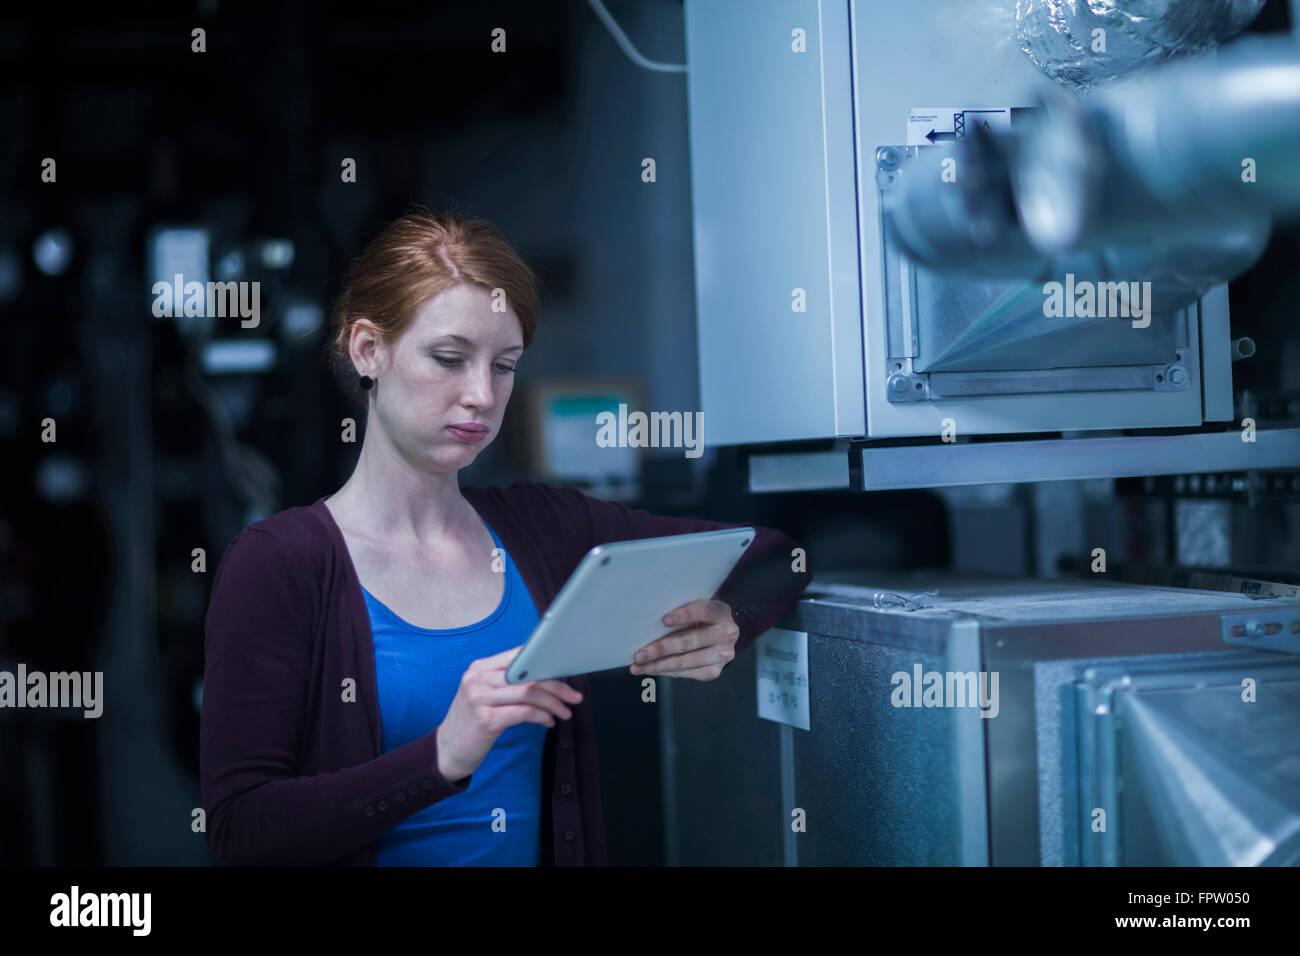 Les jeunes filles à l'aide d'une tablette numérique ingénieur dans une usine industrielle, Photo Stock